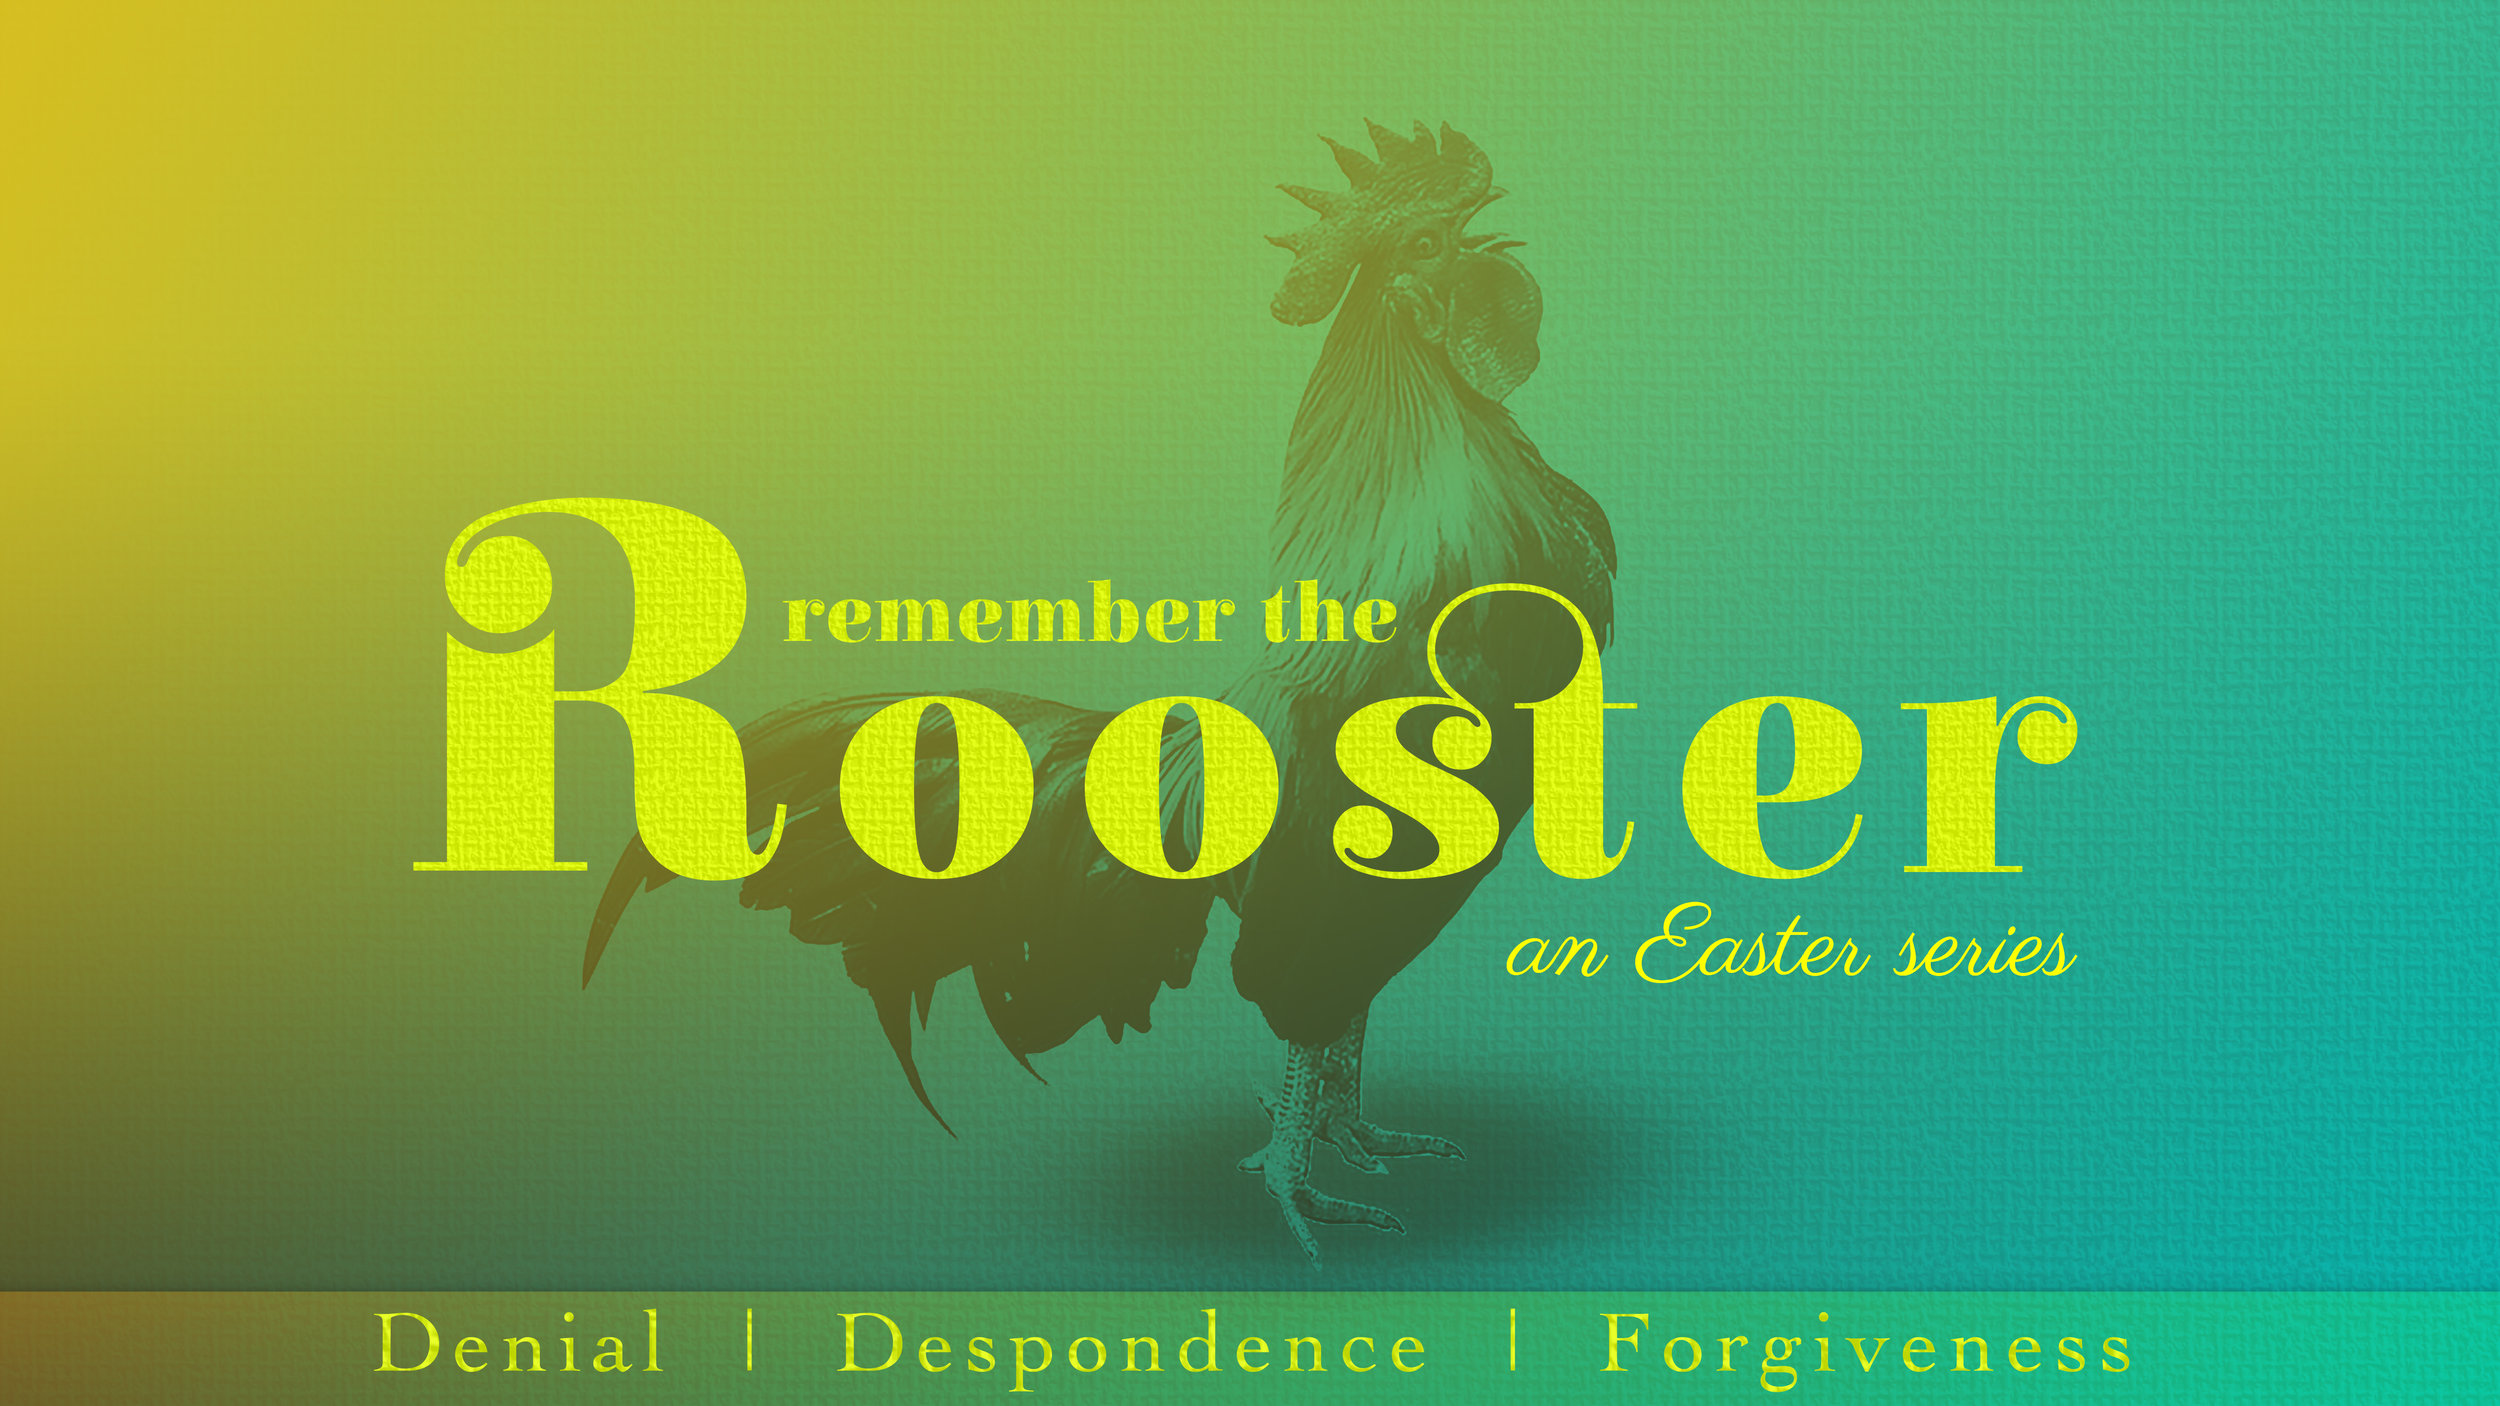 Rooster 2.jpg